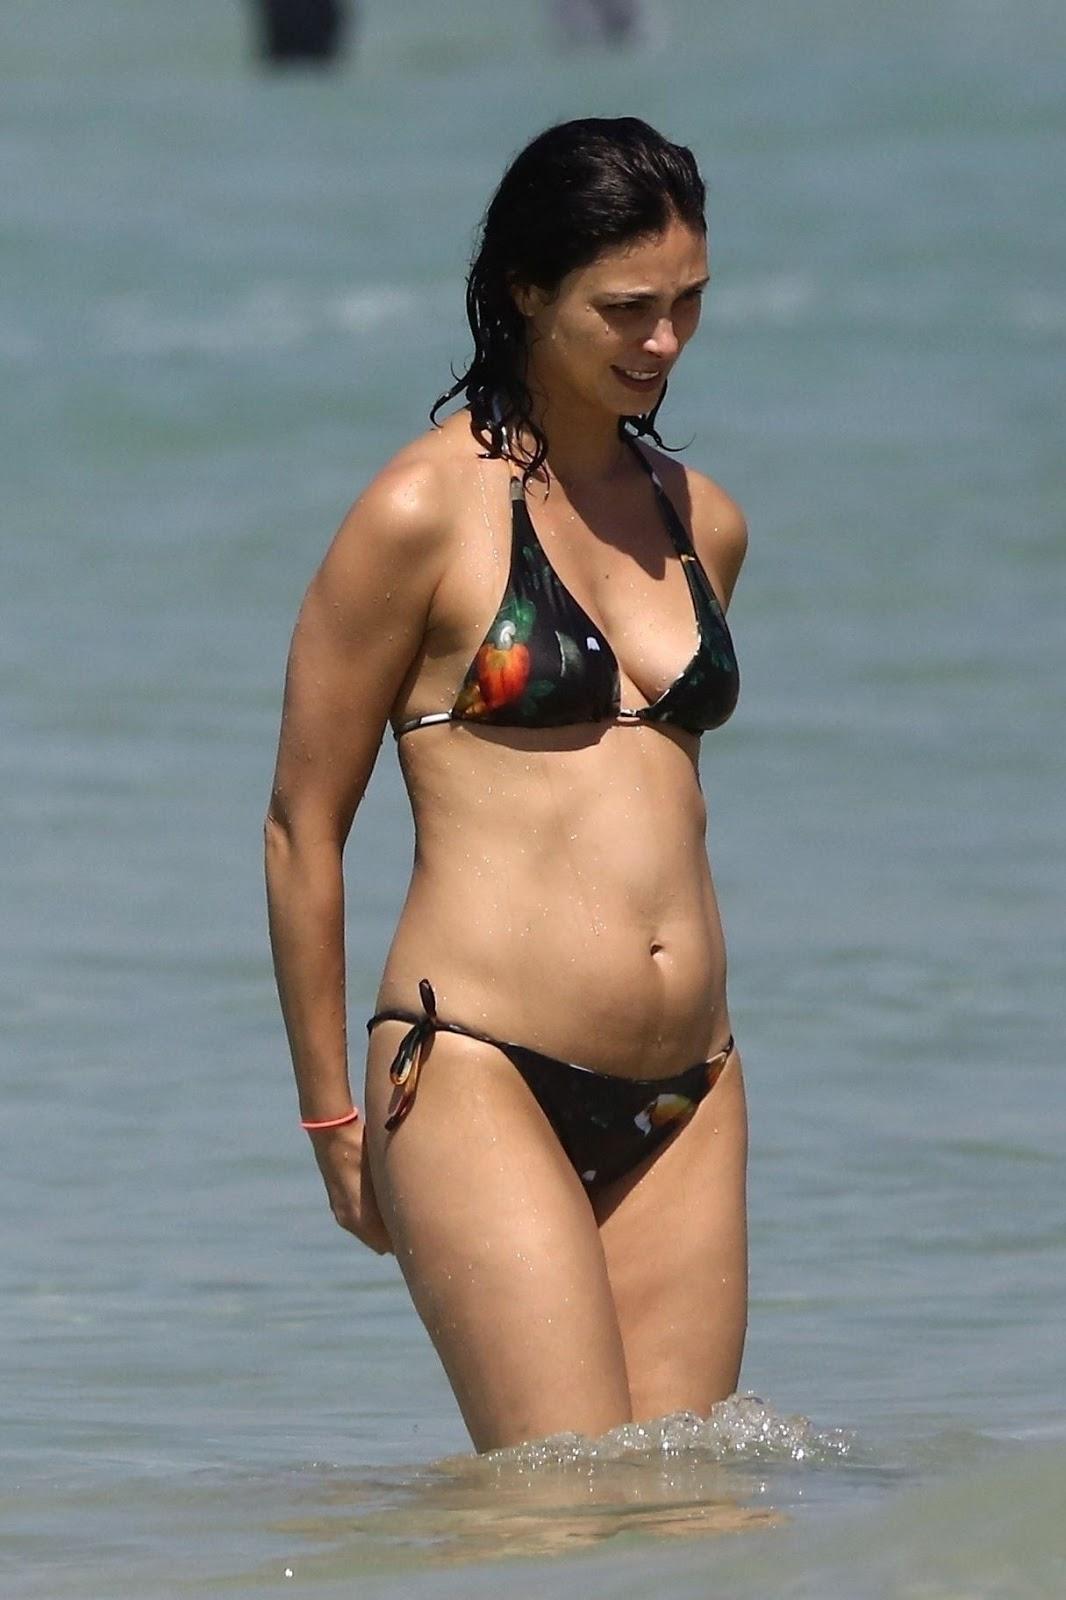 Morena Baccarin - At a beach in Rio de Janeiro, Brazil - 02/03/2019